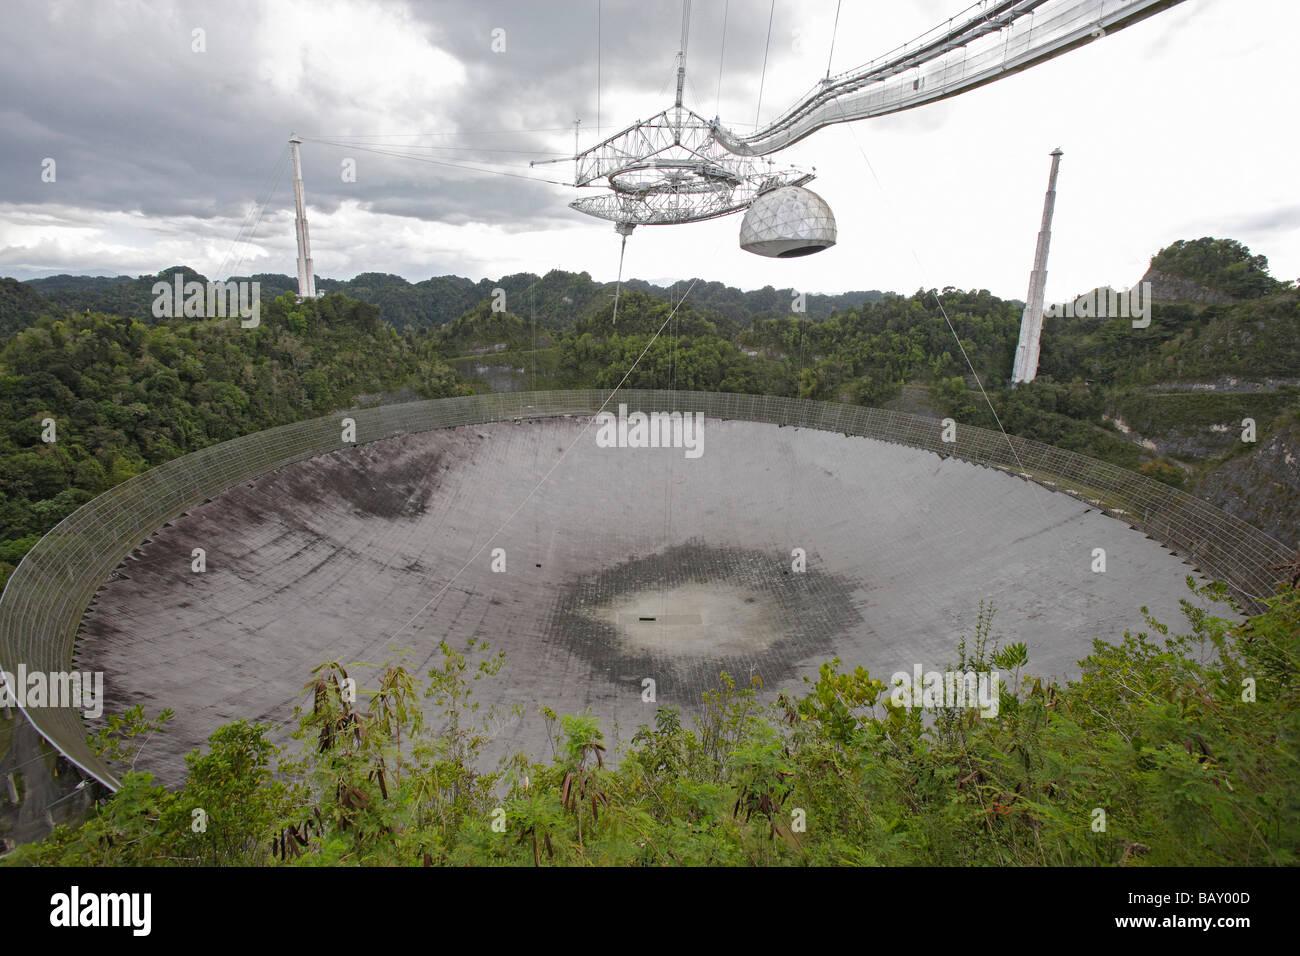 Osservatorio di Arecibo, radio telescopio, Arecibo, Puerto Rico Immagini Stock